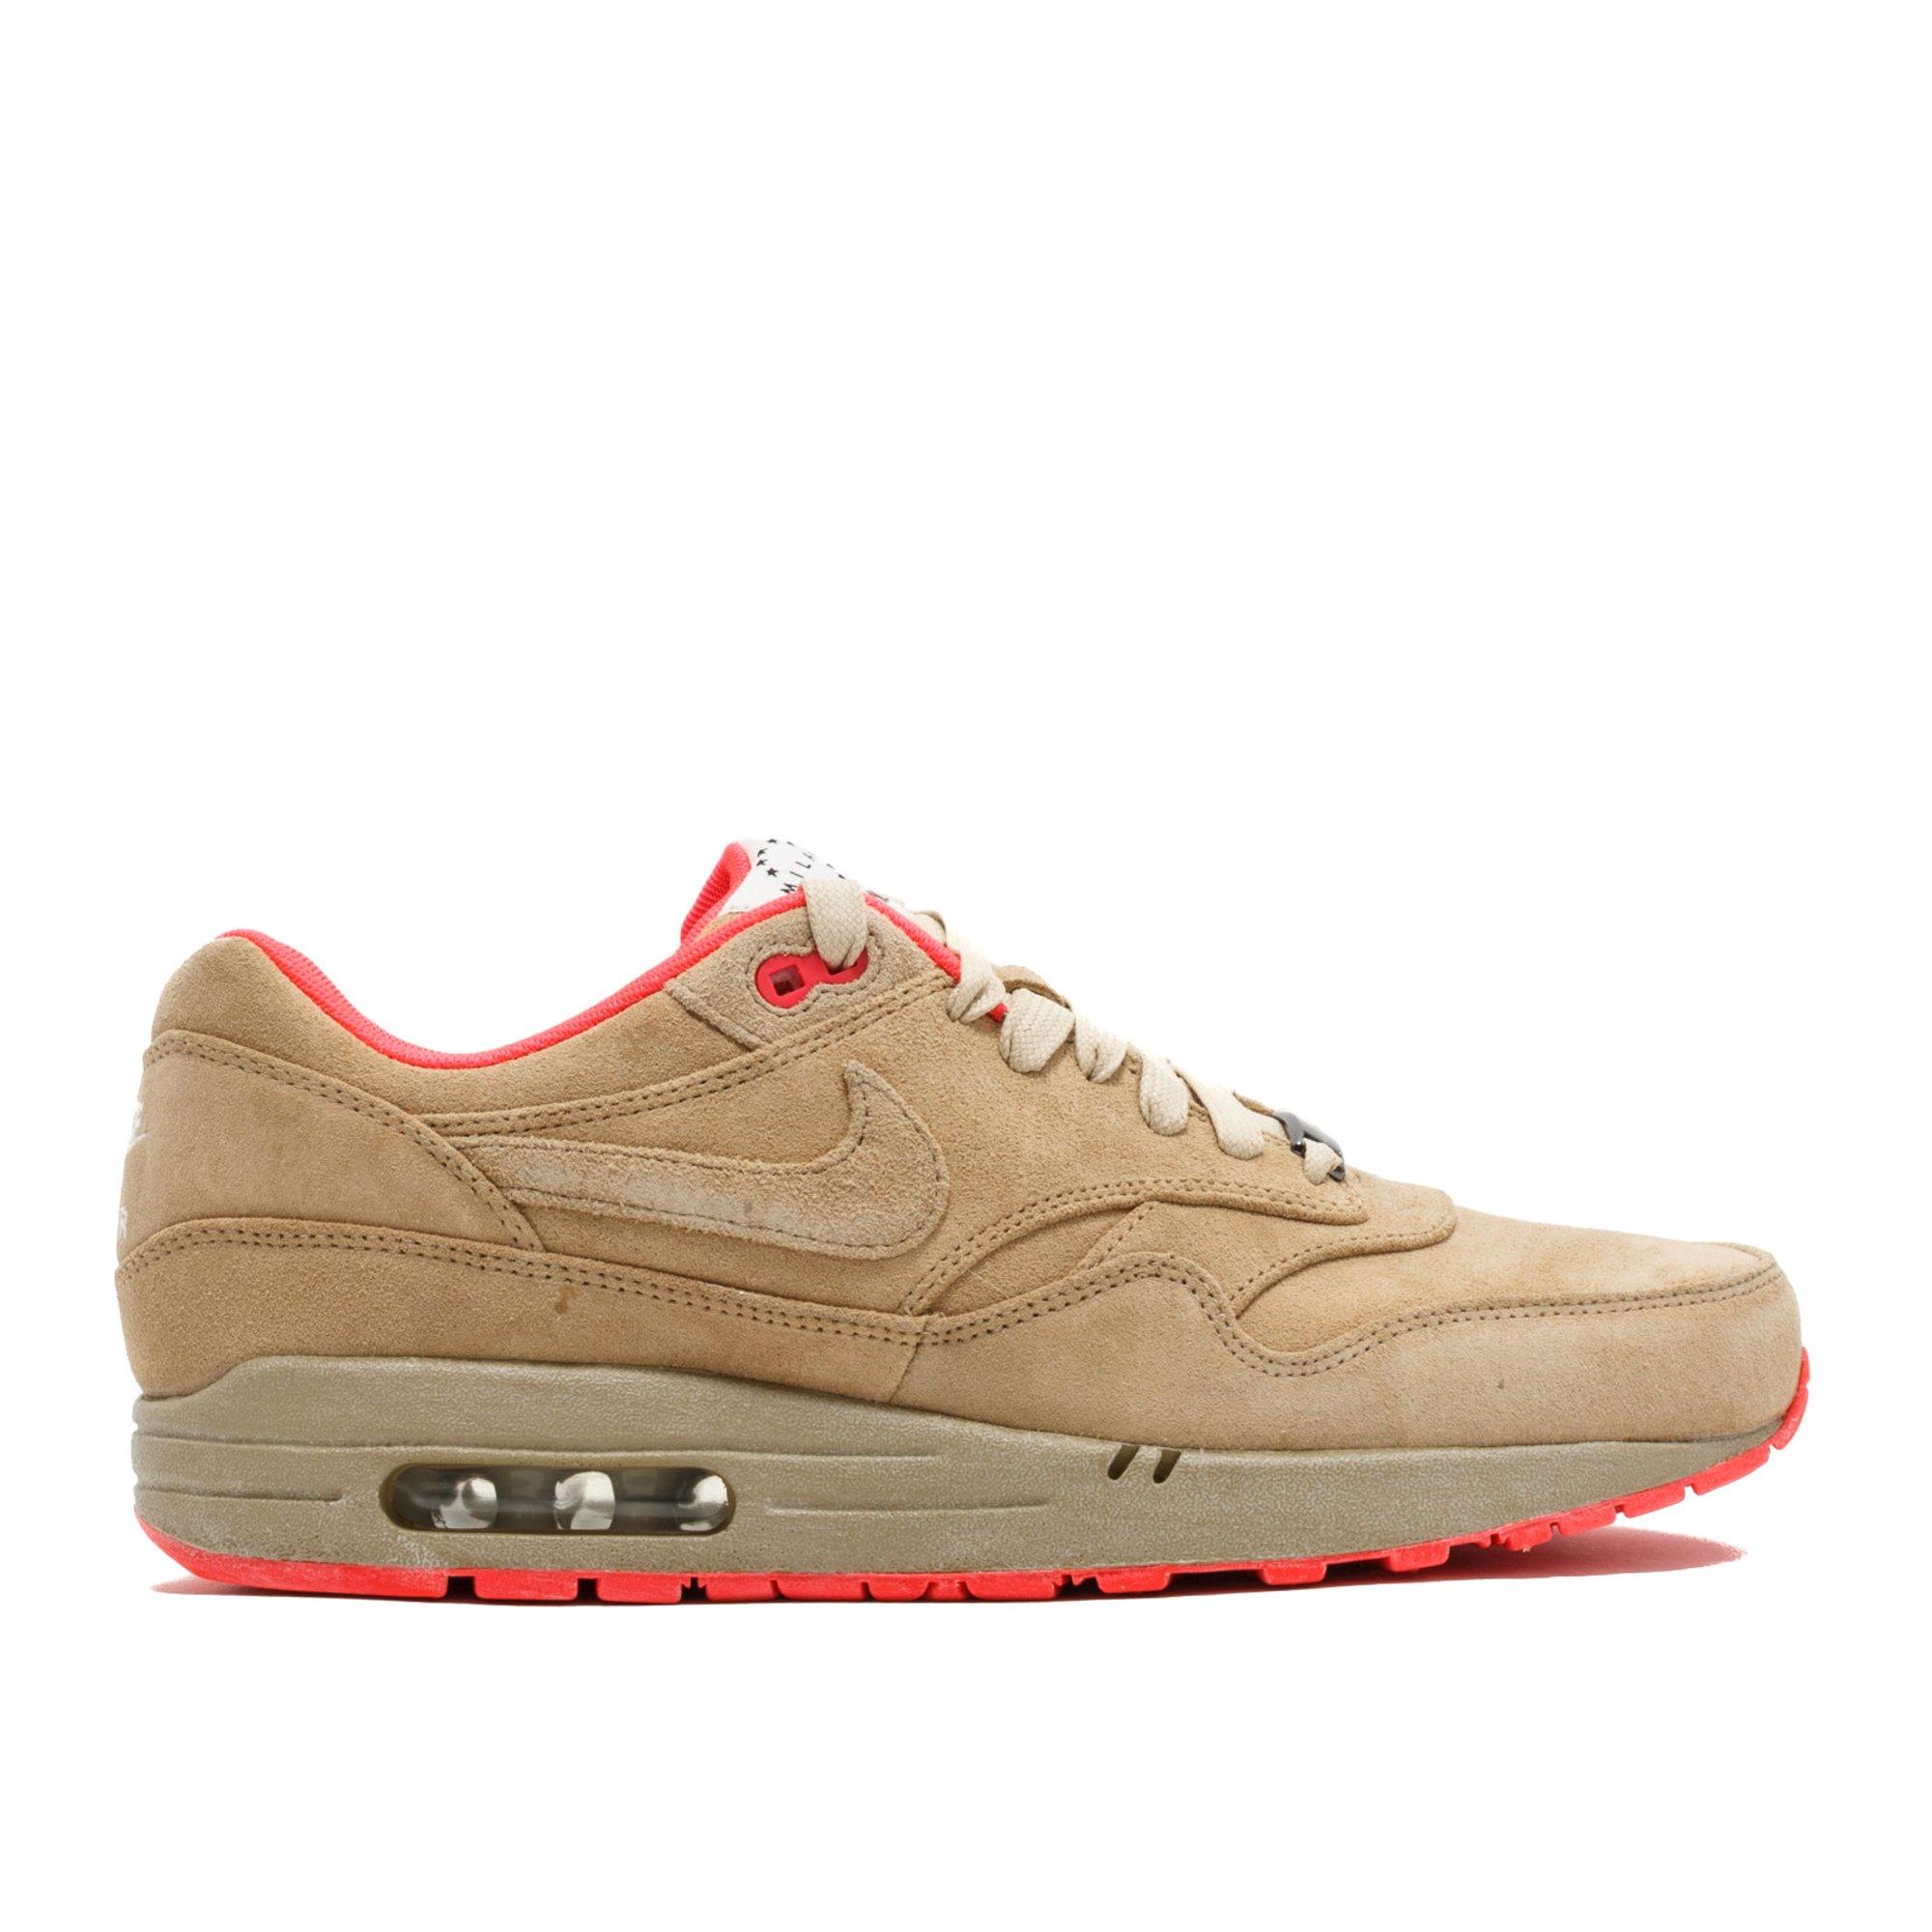 Nike Men Air Max 1 Milano Qs 'Milan' 587922 226 Size